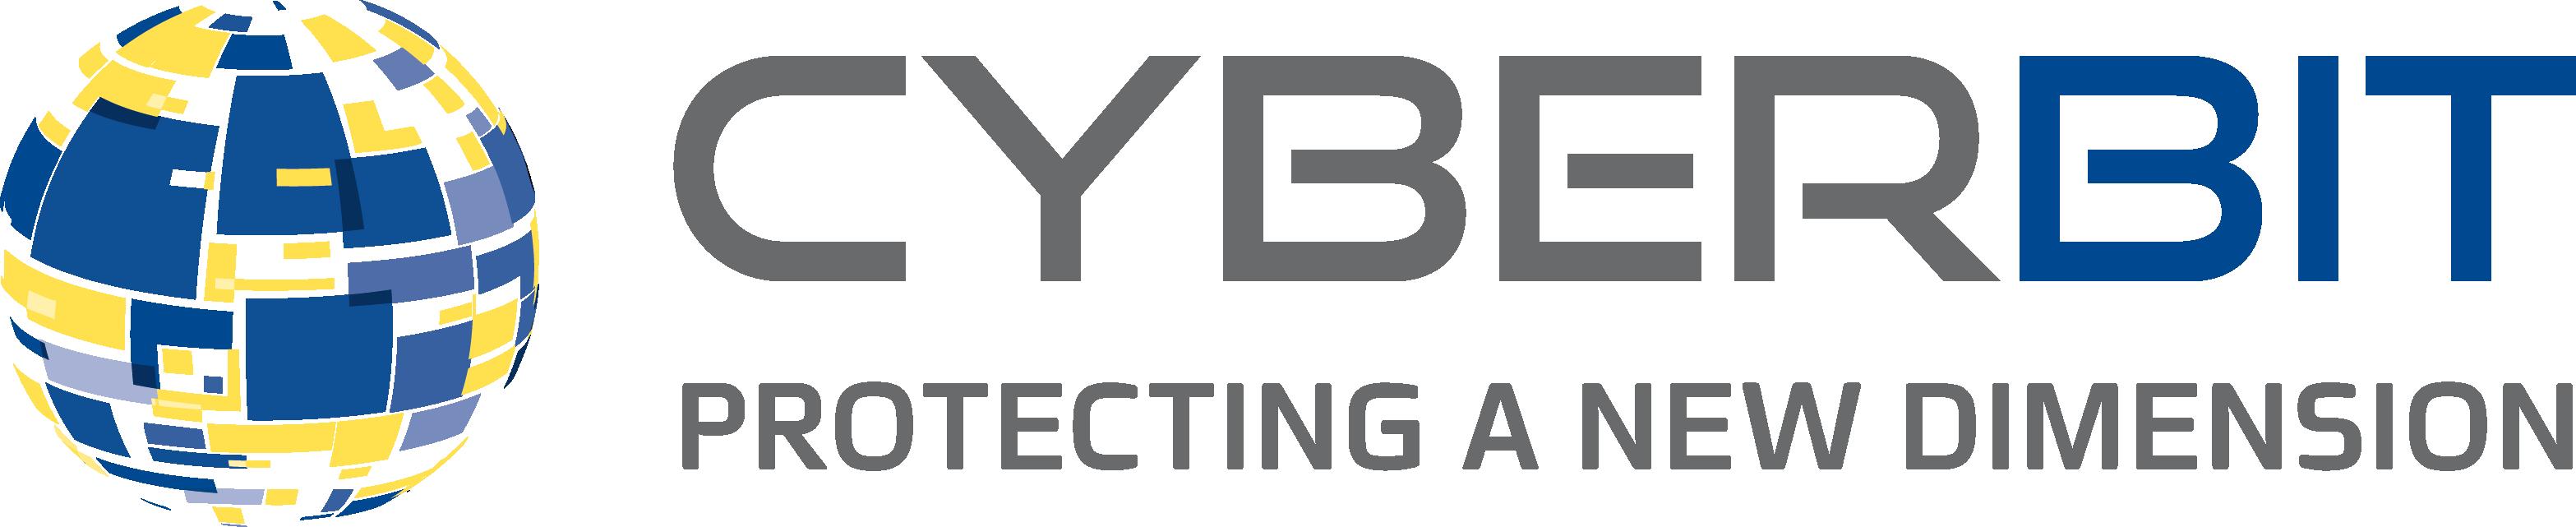 Cyberbit.png